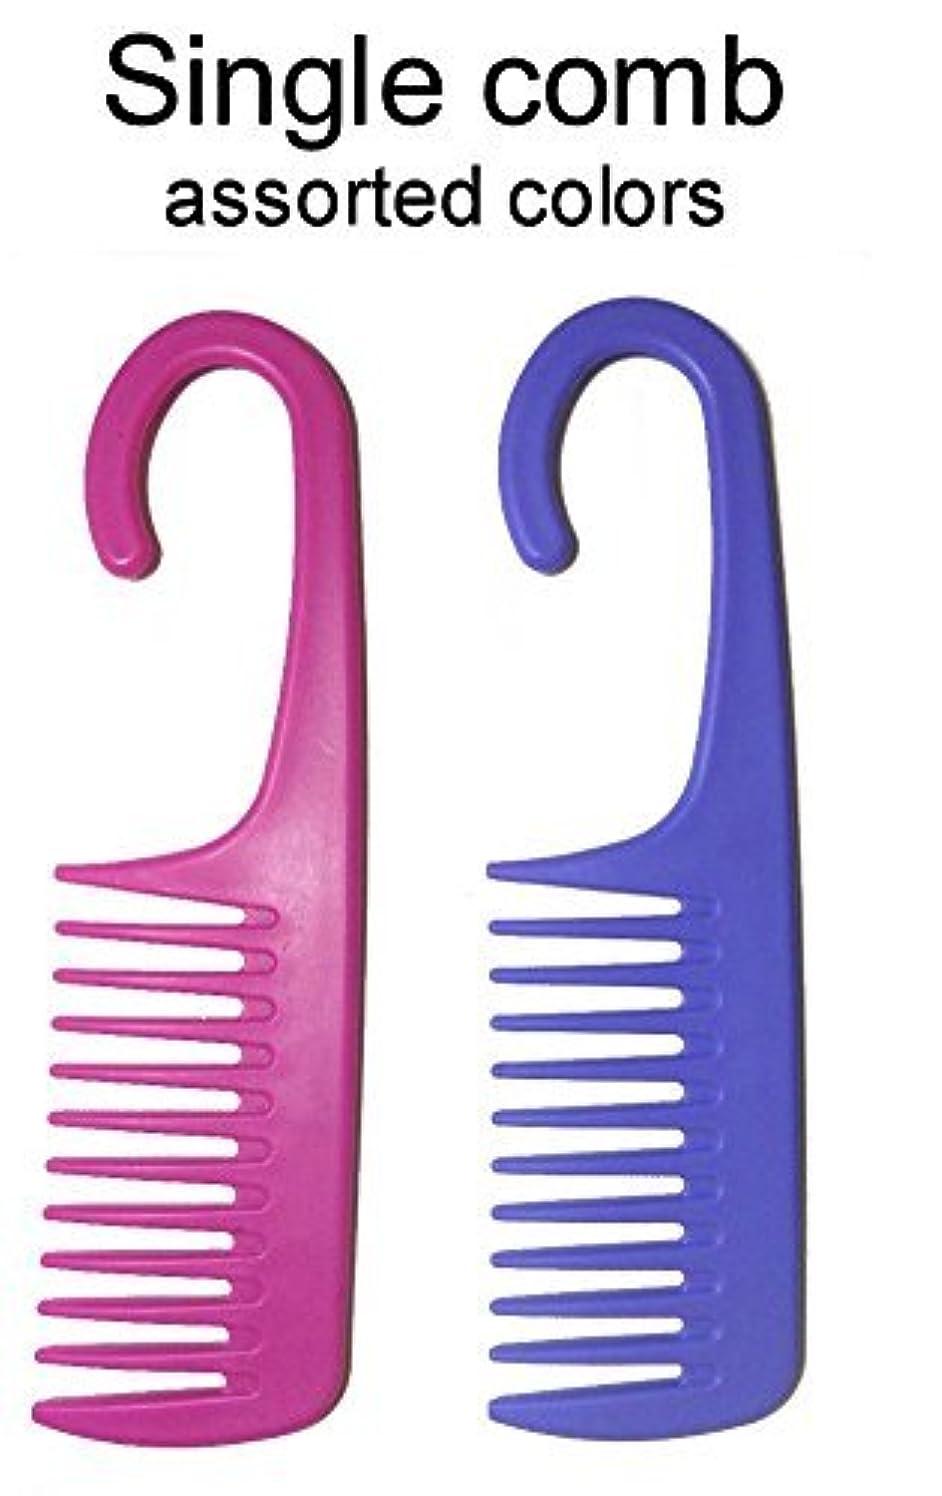 がっかりした幻想的辞書1 Comb Exfoliage Hair Detangling/Conditioning Shower Wide Tooth with Hook for Hanging - COLORS MAY VARY [並行輸入品]